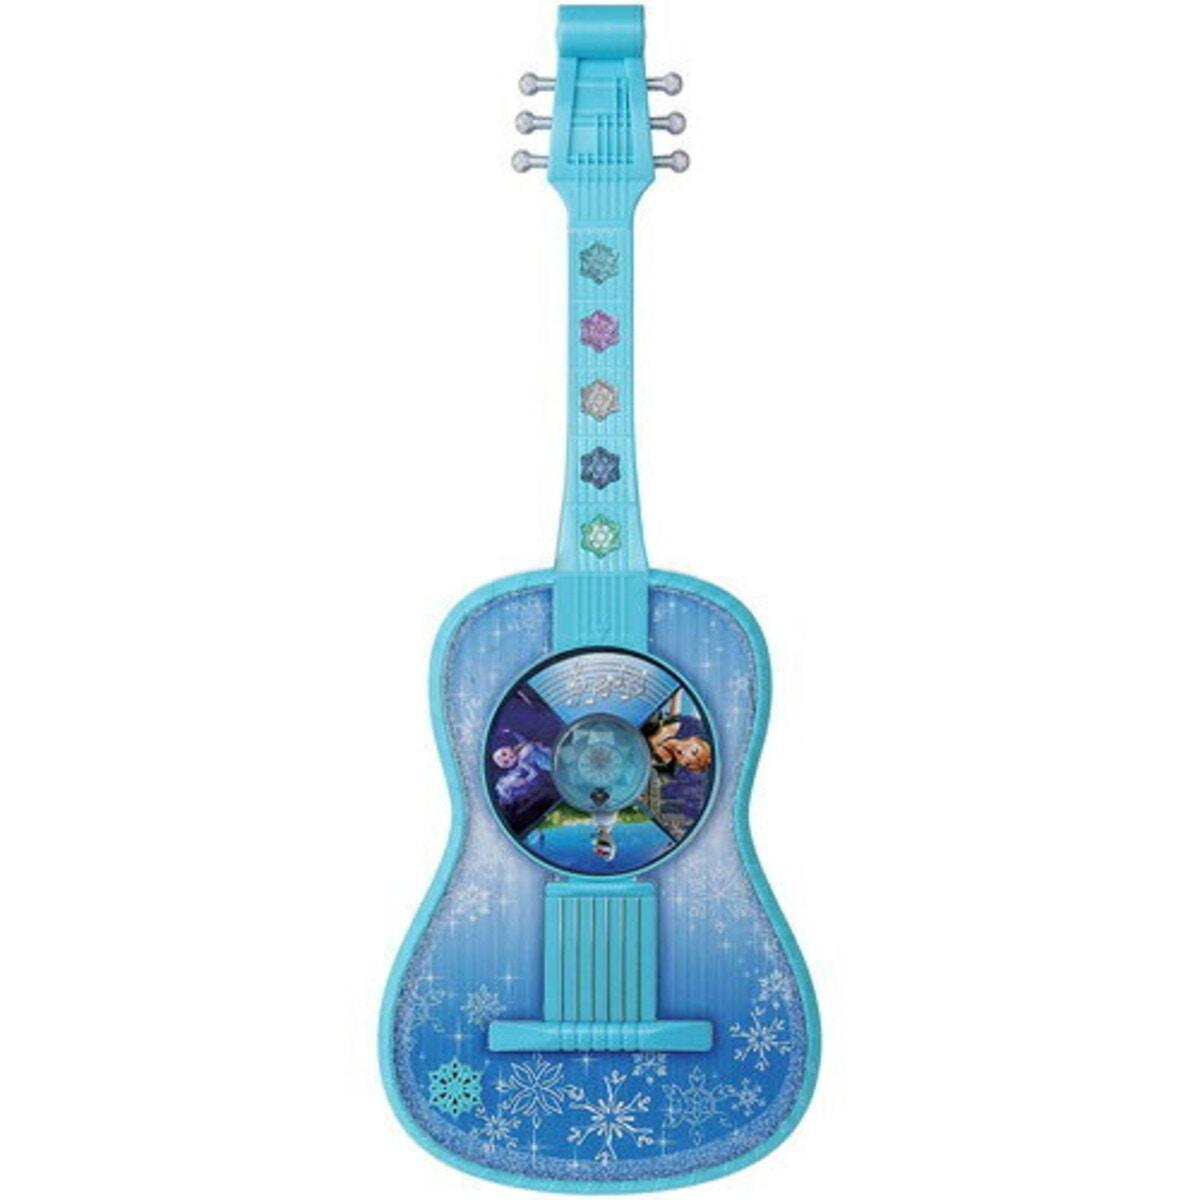 タカラトミー「ディズニー アナと雪の女王 いっしょにうたおう♪ クリスタルギター」